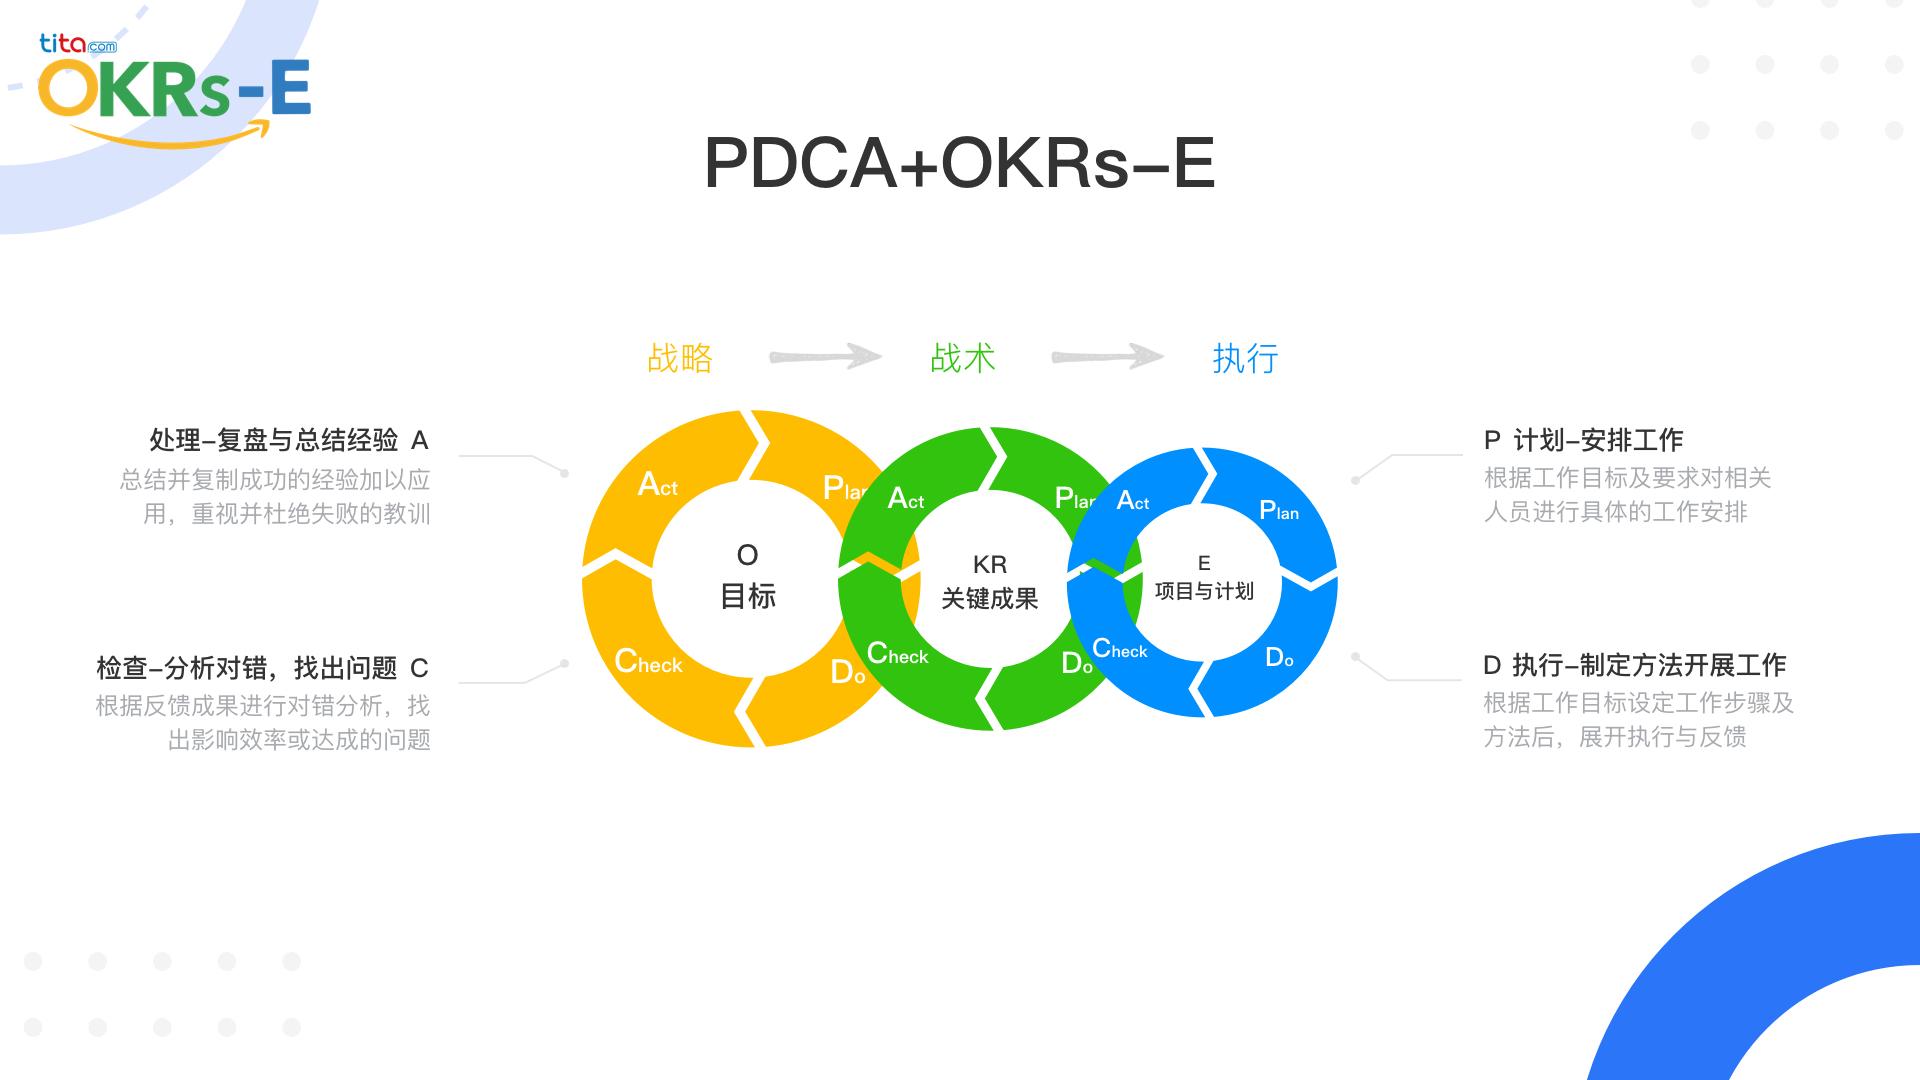 OKR文化:用SMART原则量化目标